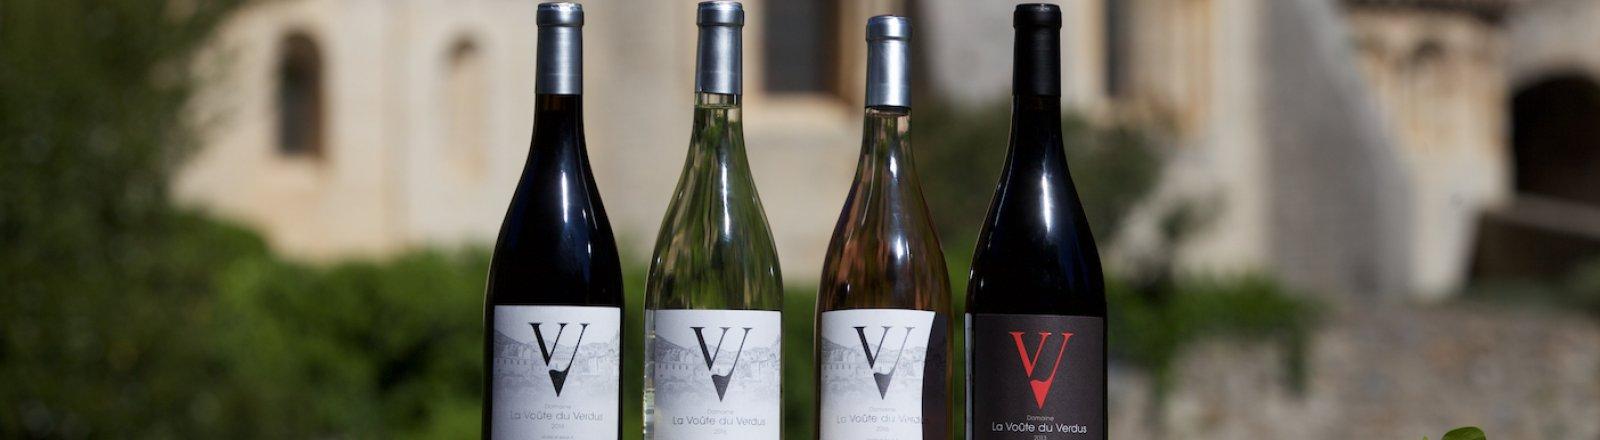 Les vins © La Voûte du Verdus